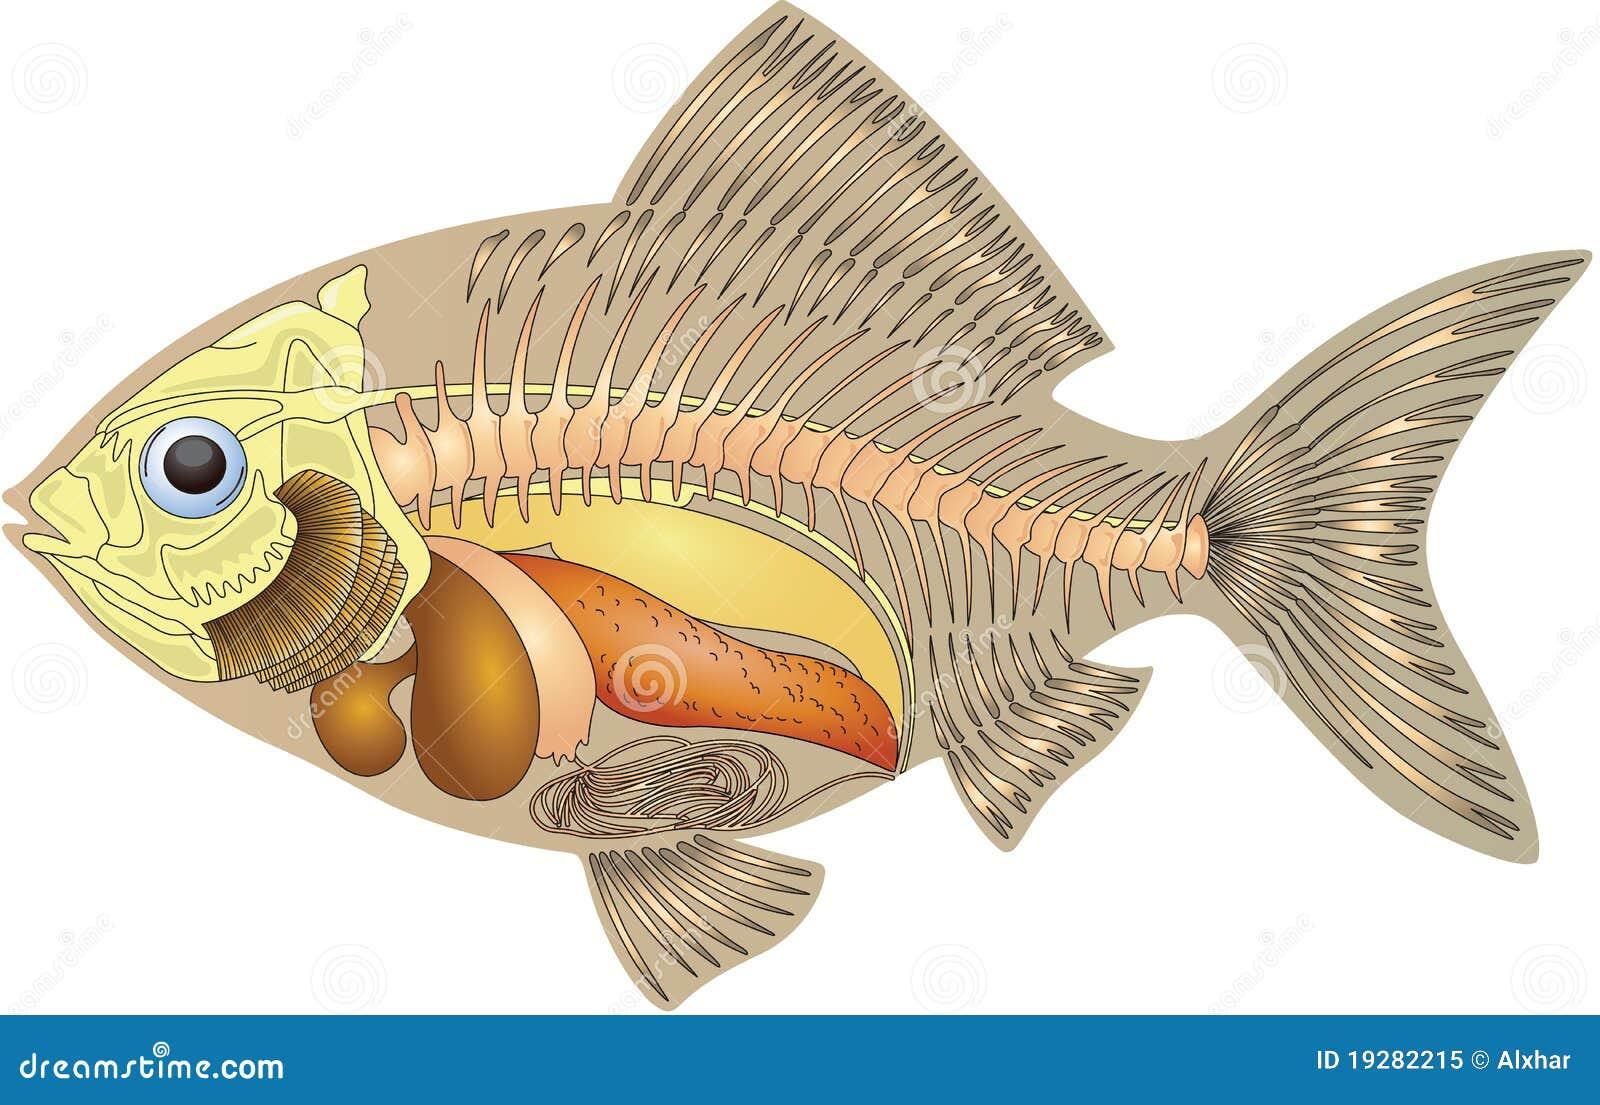 Anatomía del pollo stock de ilustración. Ilustración de órganos ...